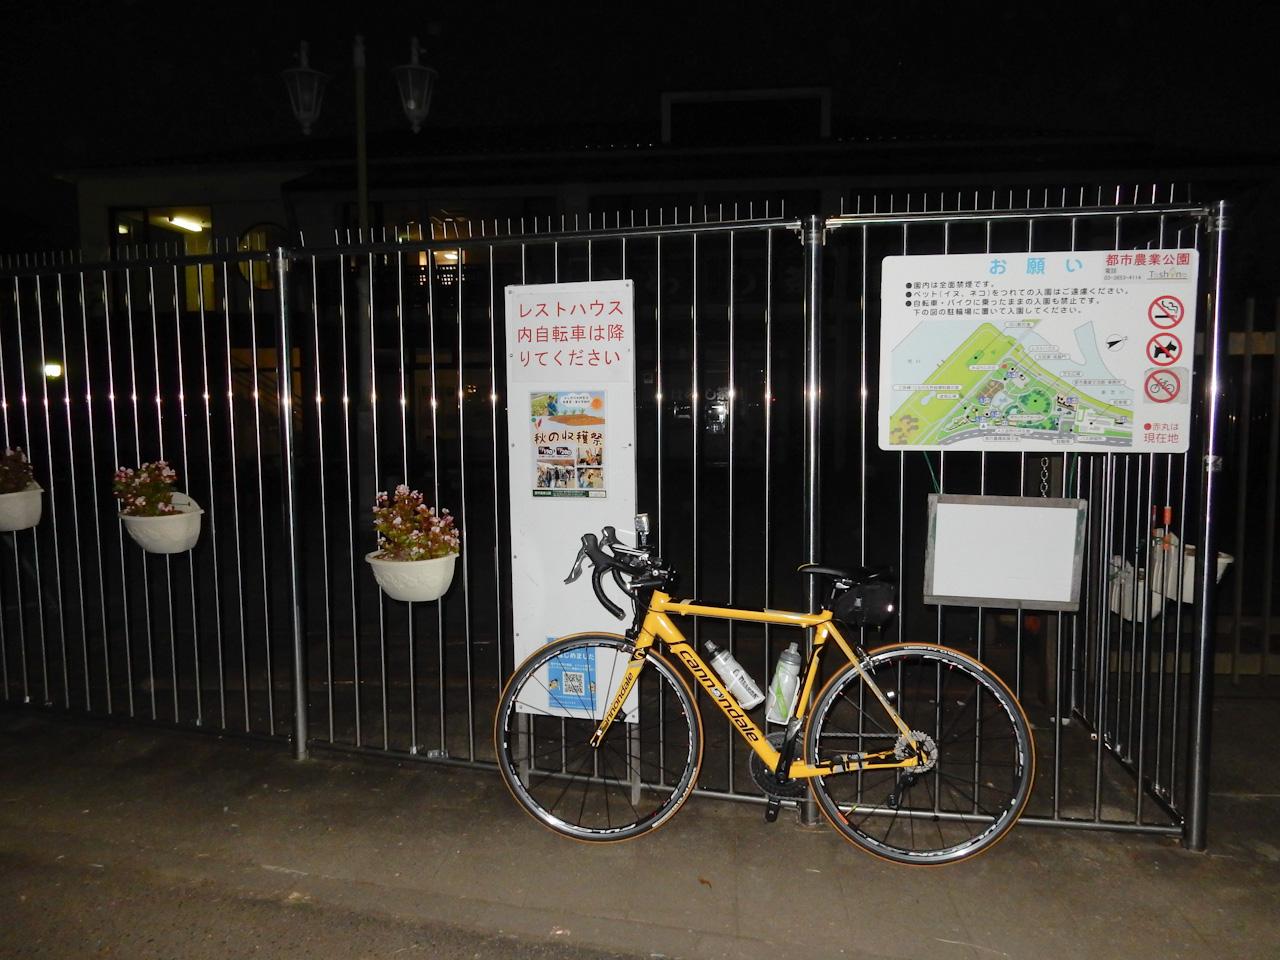 荒川サイクリングロード みはらし茶屋